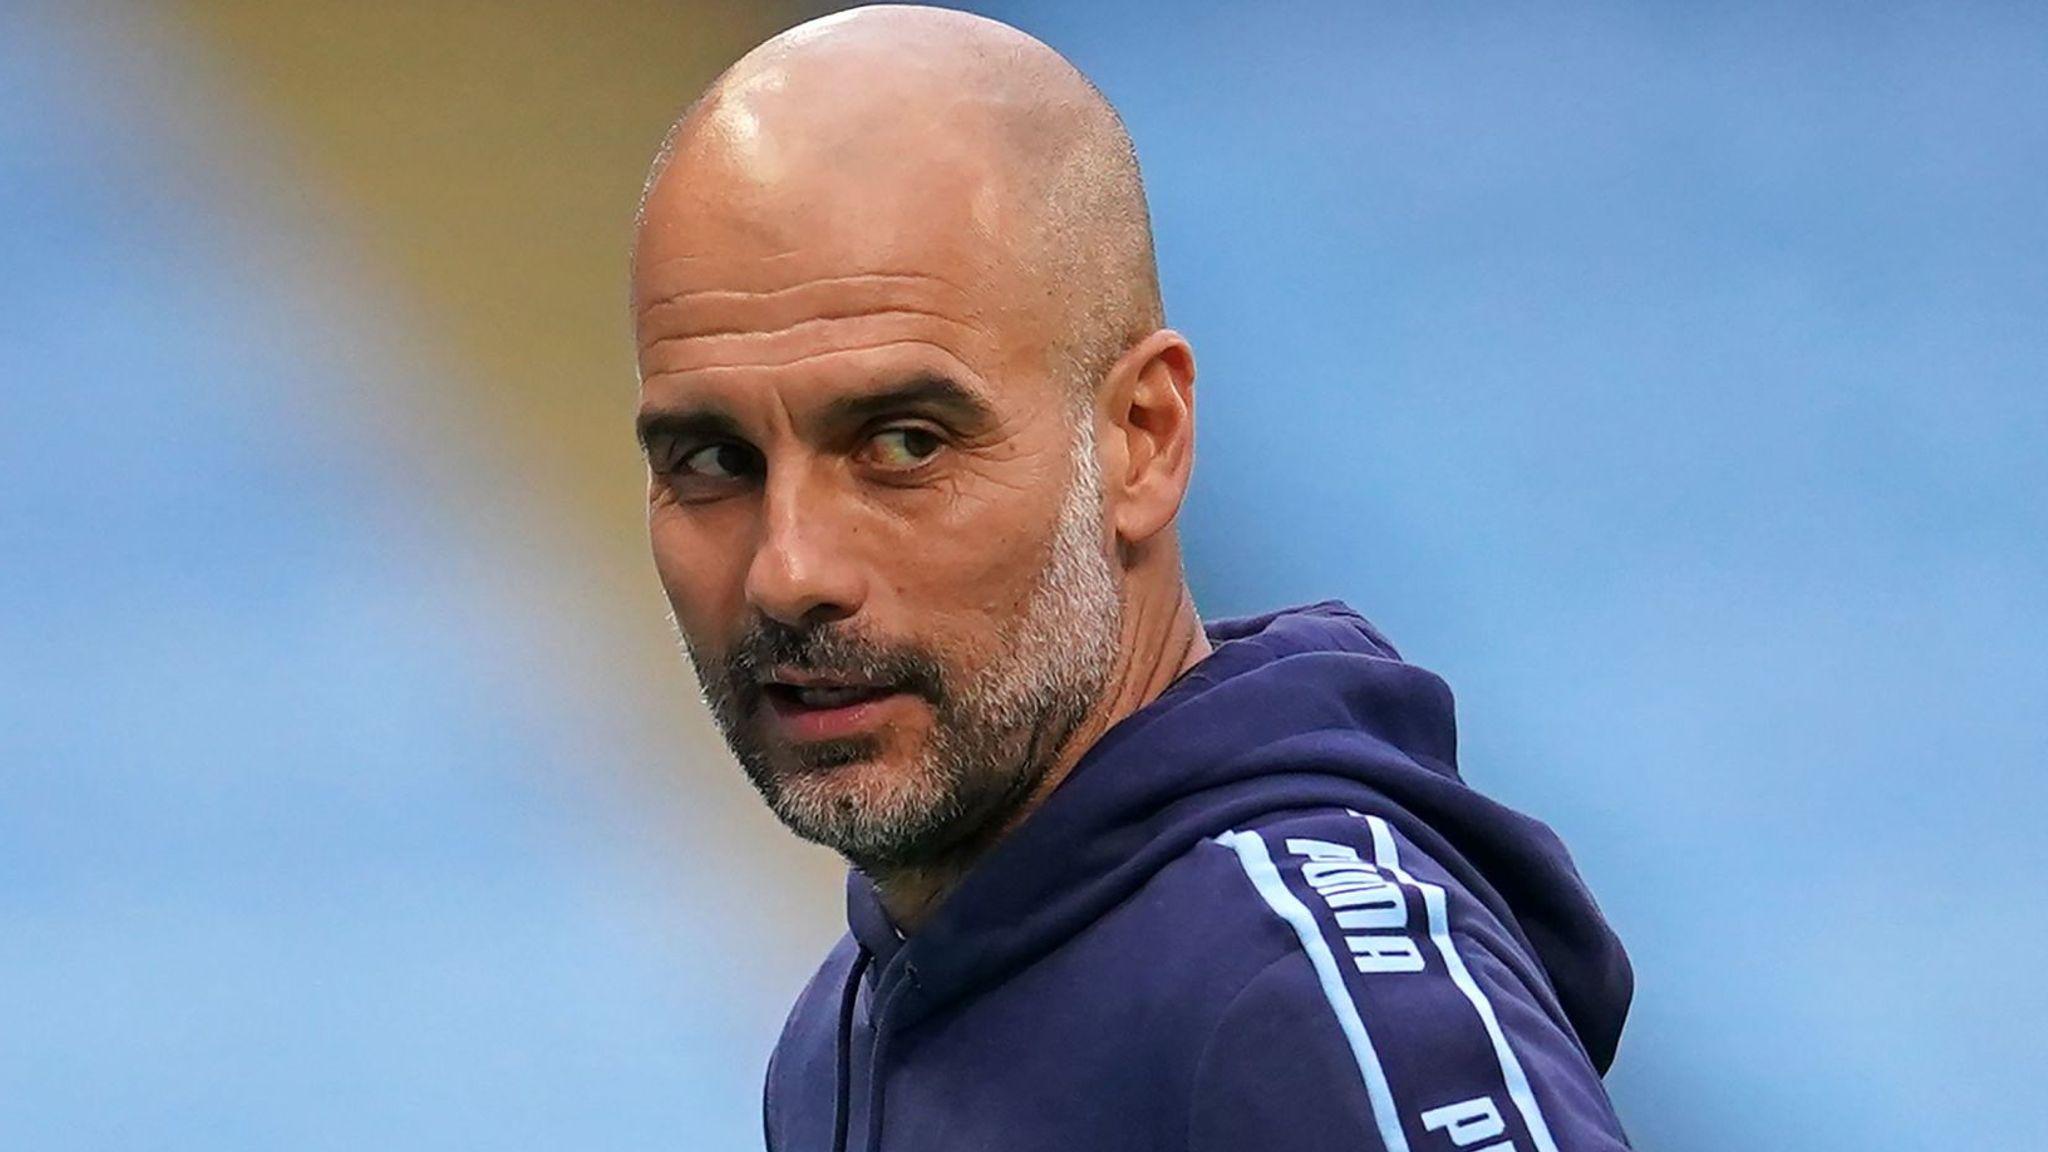 منچسترسیتی - Manchester City - لیگ برتر